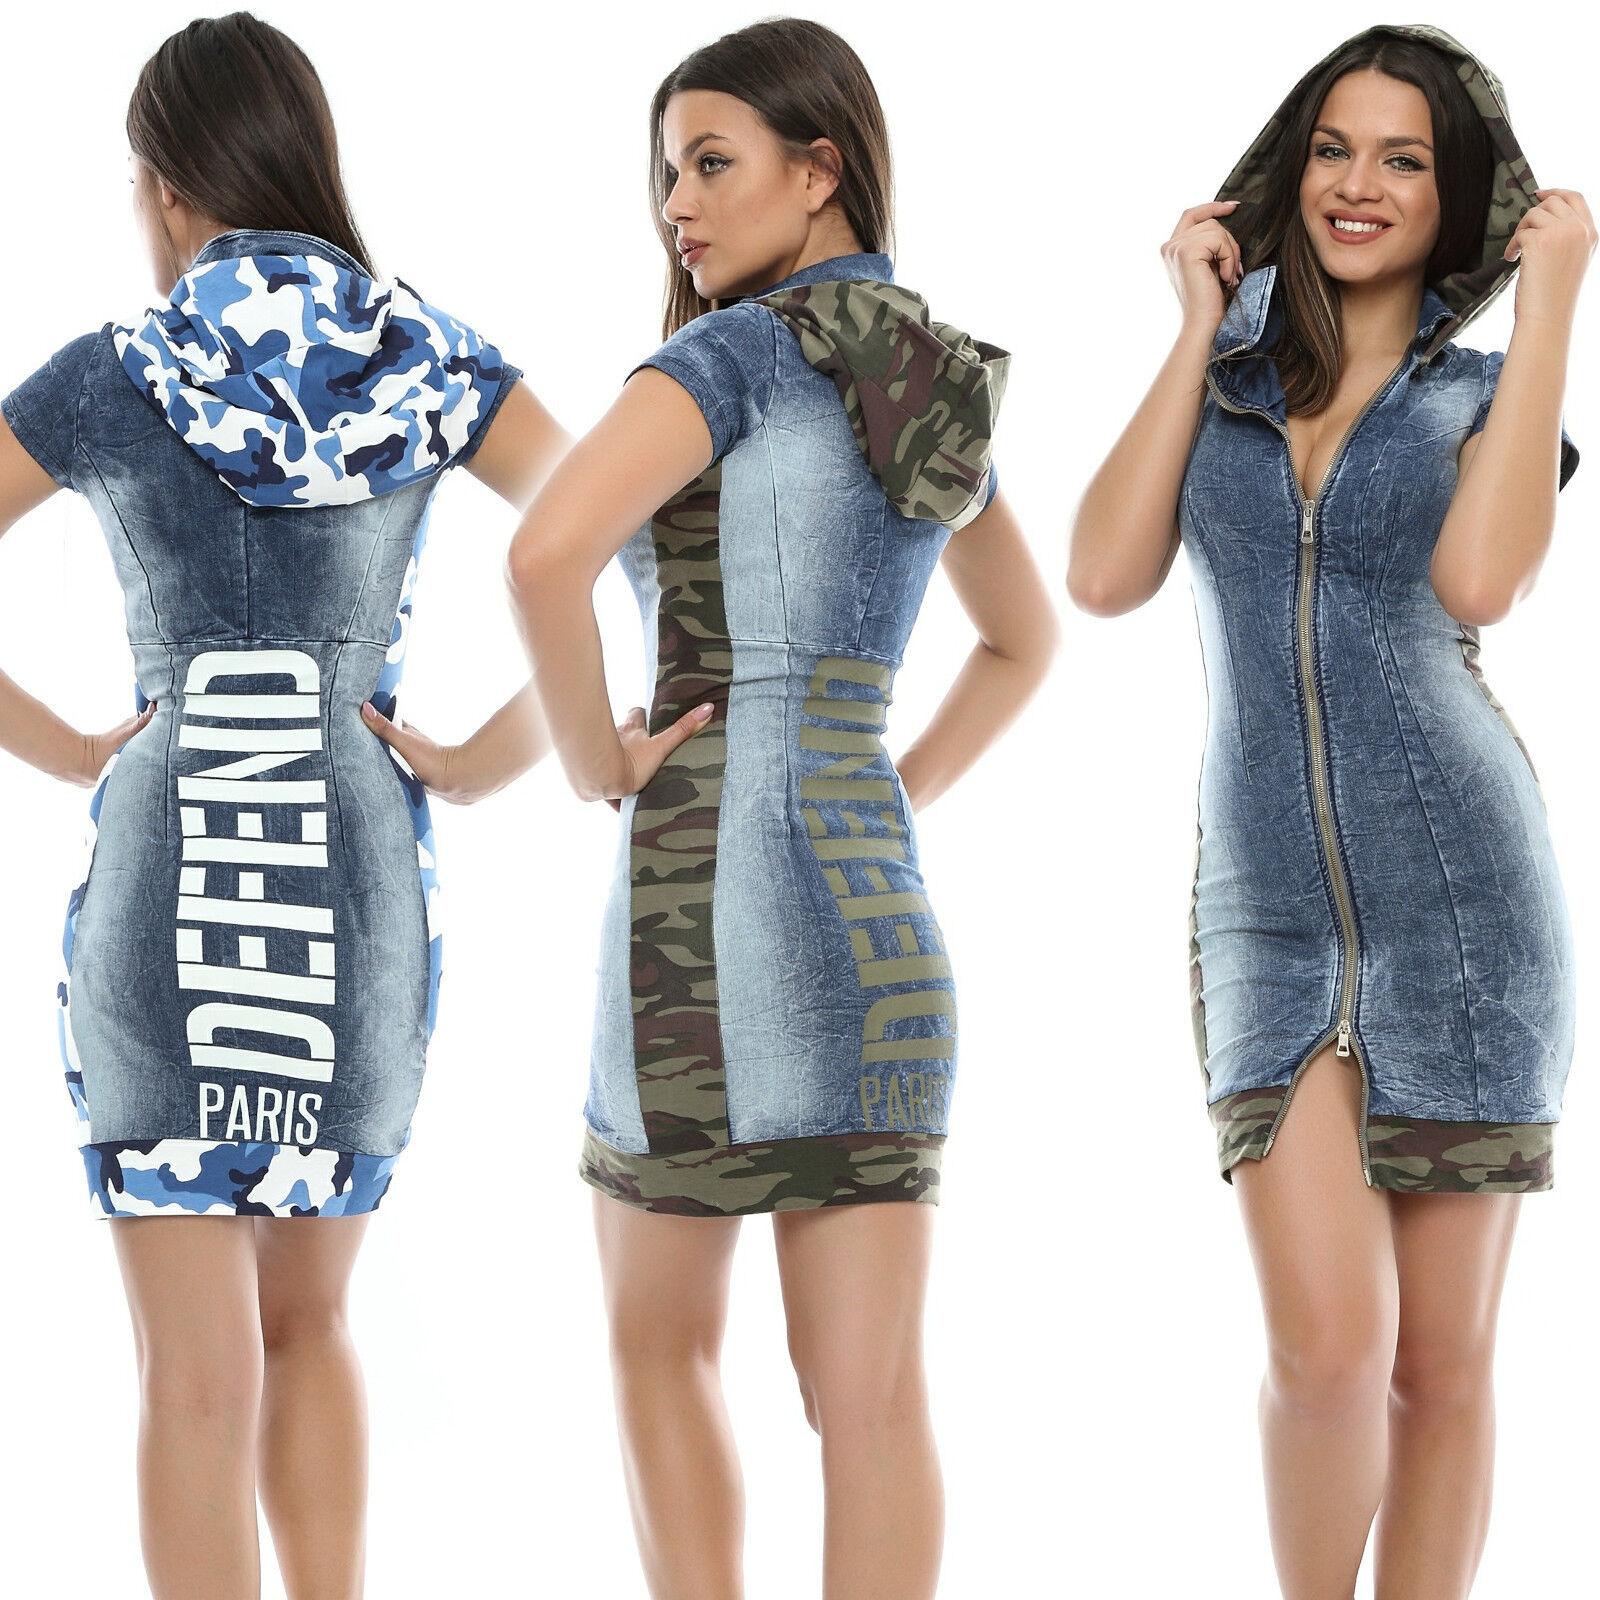 FOGGI femmeskleid Jeanskleid Minikleid Jeans Sommerkleid Strandkleid 34-38  F110